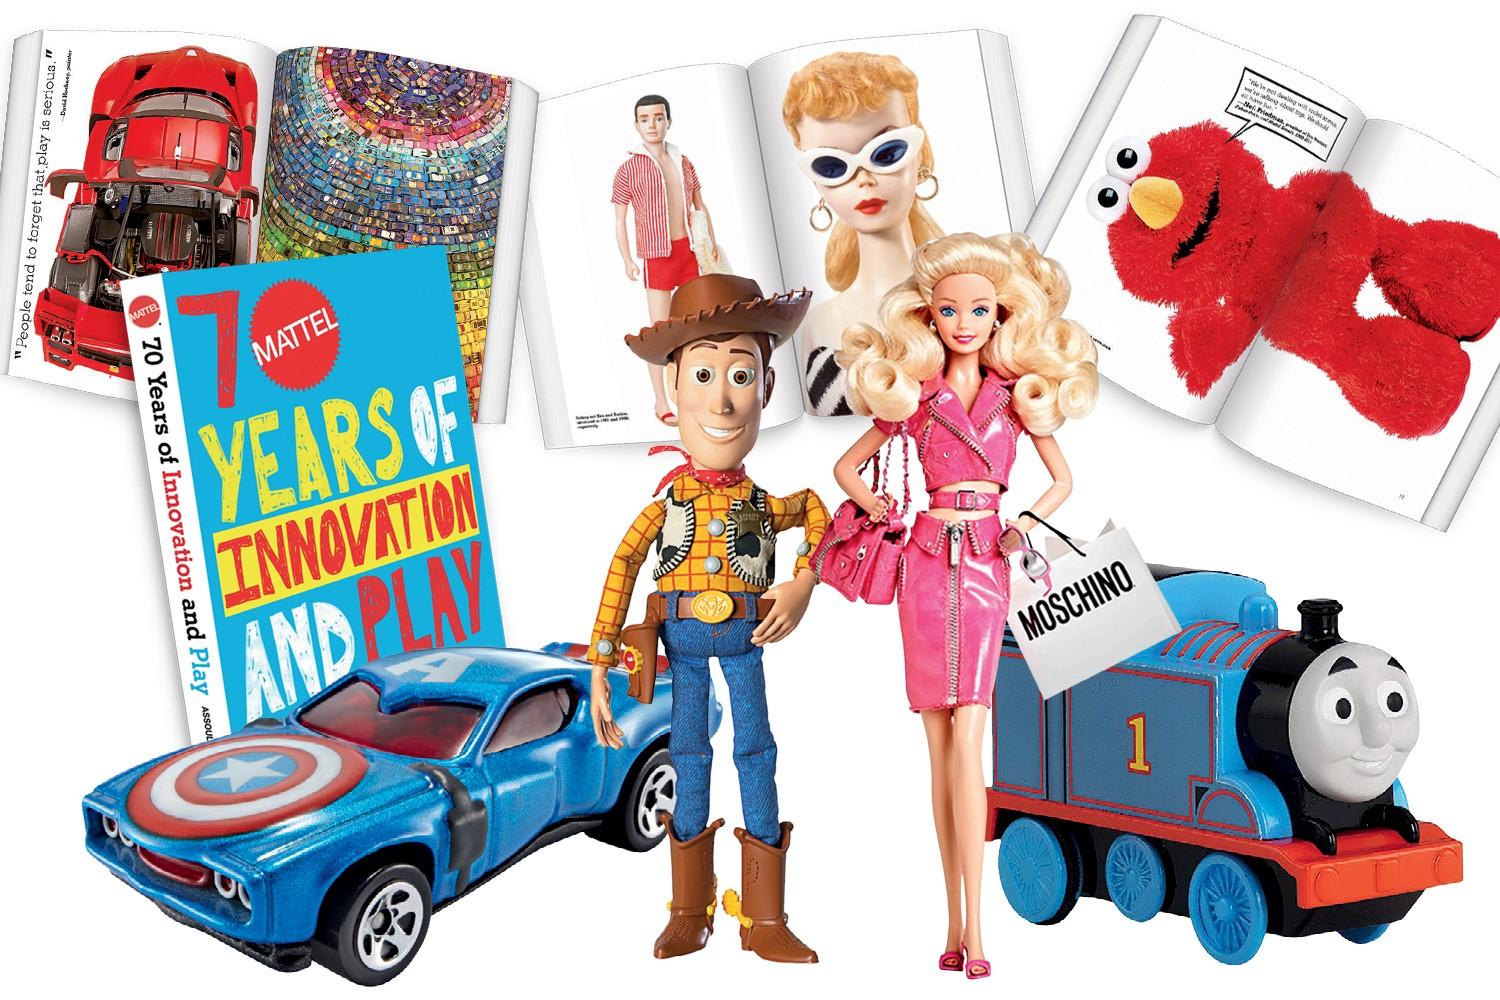 Sucessos da Mattel (Foto: Reprodução/Vogue Brasil)